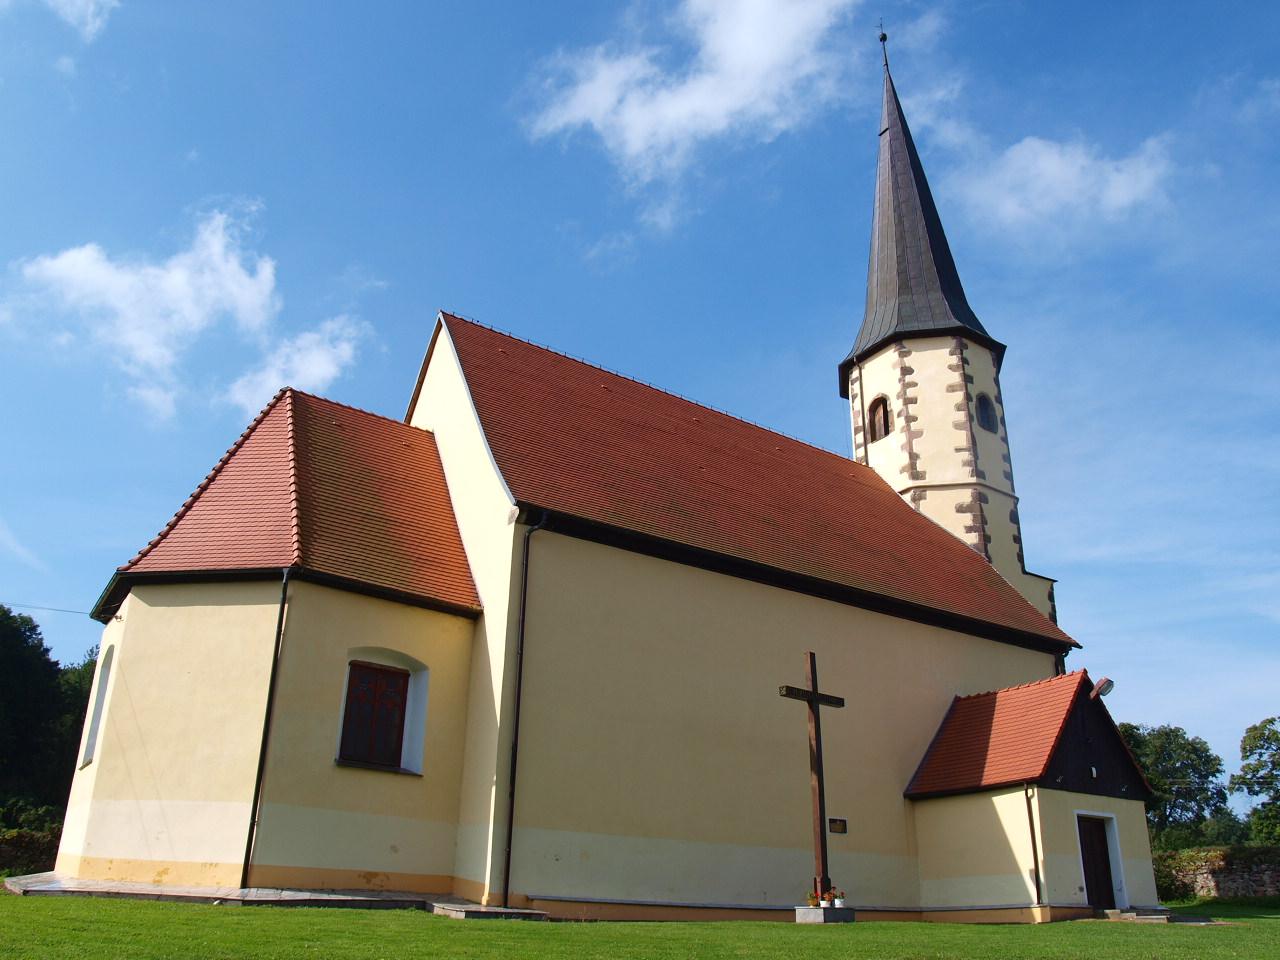 kościół pw. św. jerzego w kondratowie